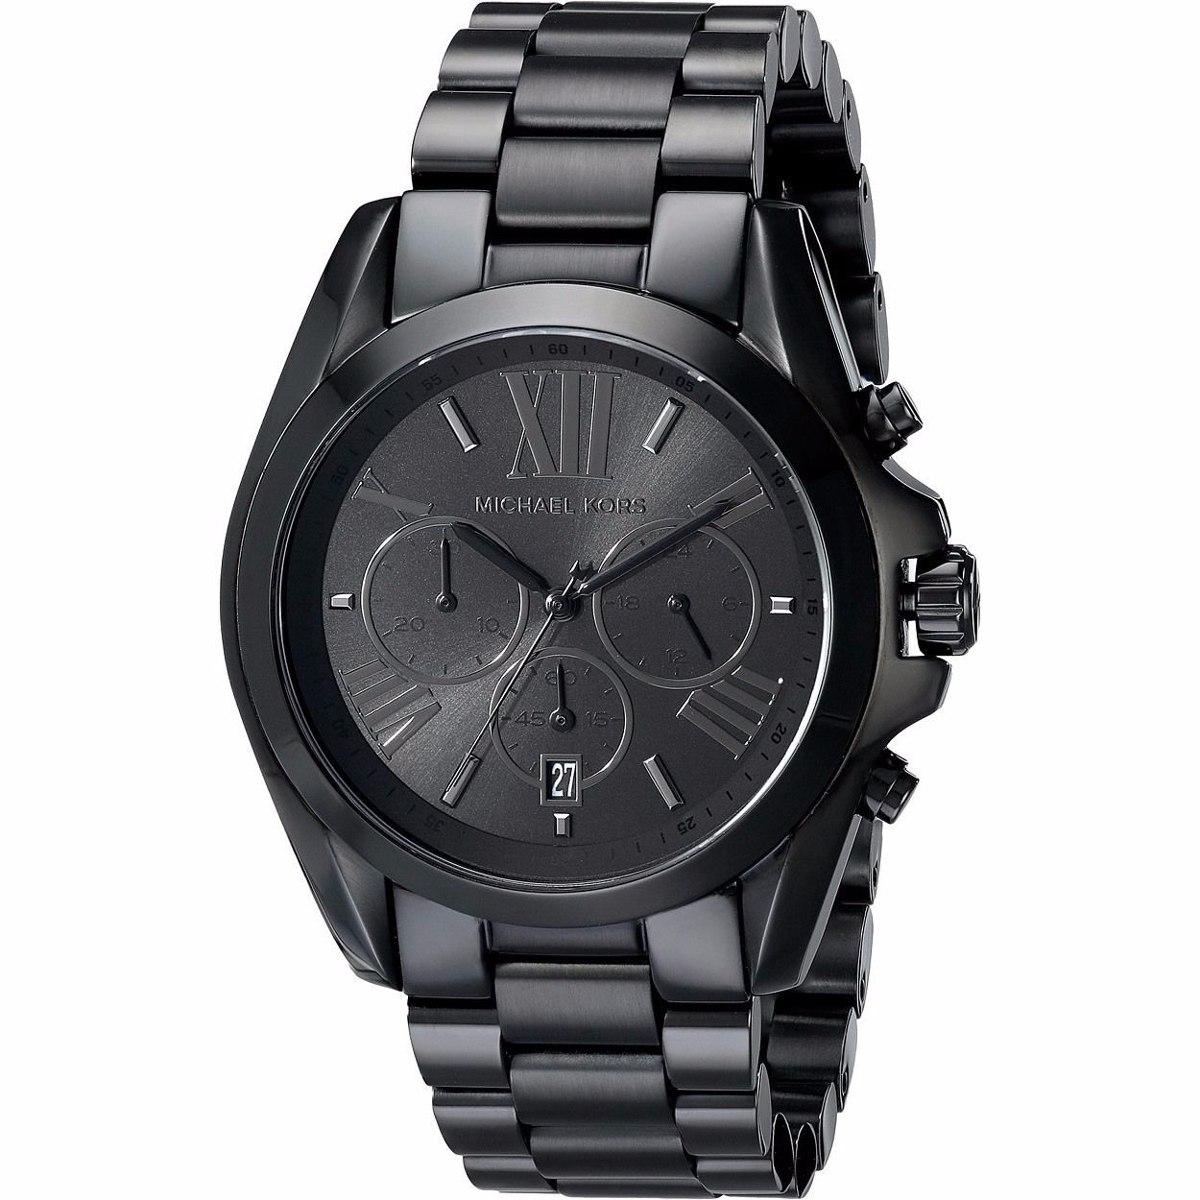 d7e0f7c6d79ff Relógio Michael Kors Parker Dourado Senhora relógio michael kors mk5550  romano preto original unissex. Carregando zoom.